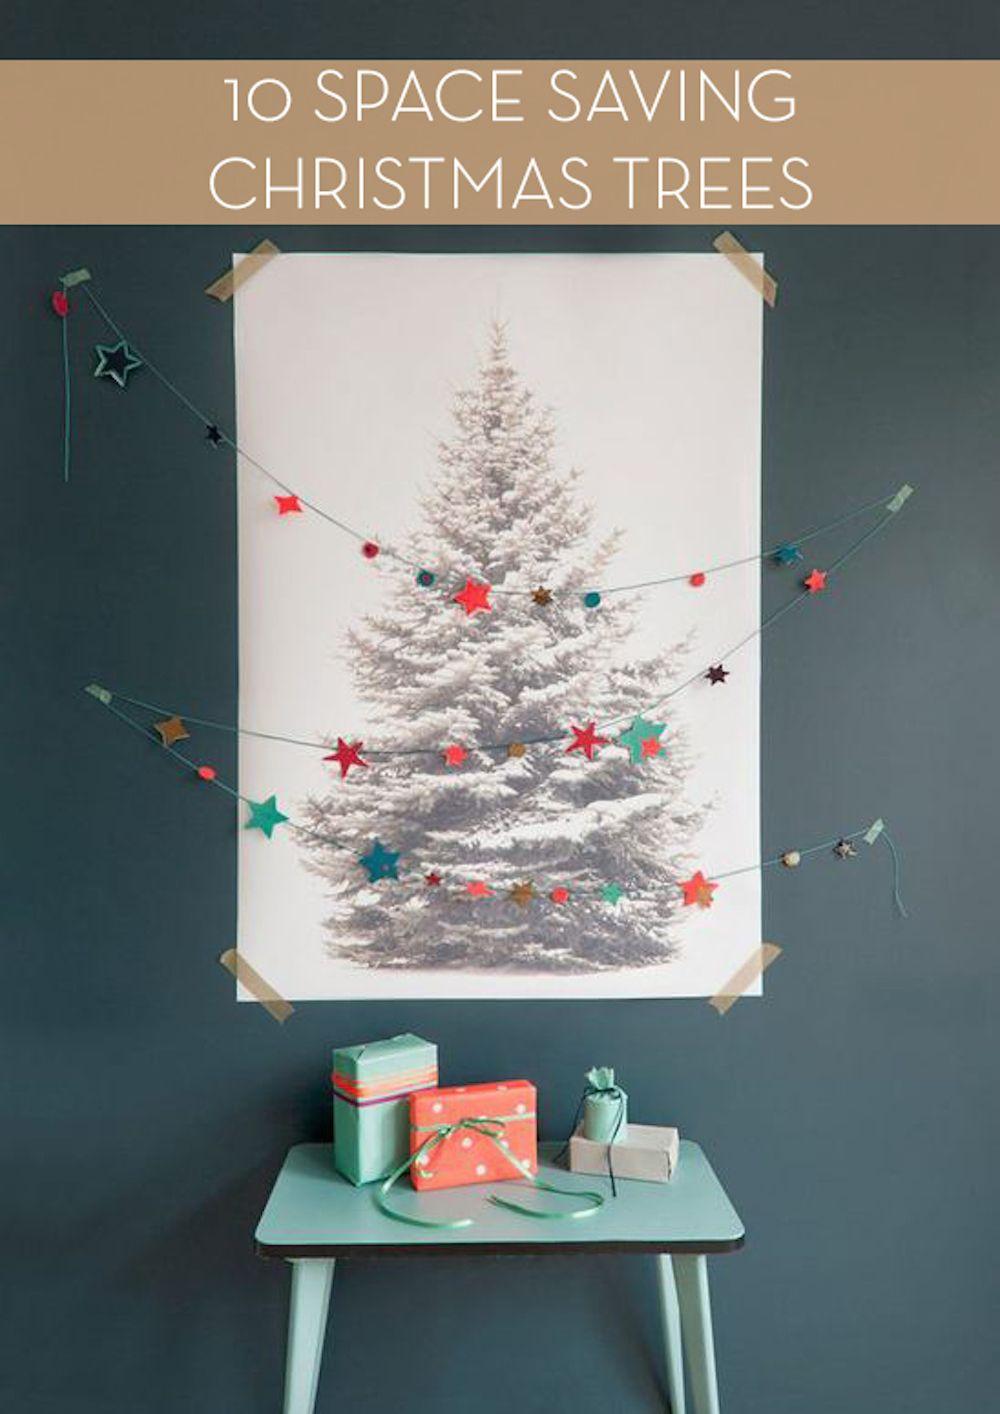 SPACE SAVING CHRISTMAS TREE